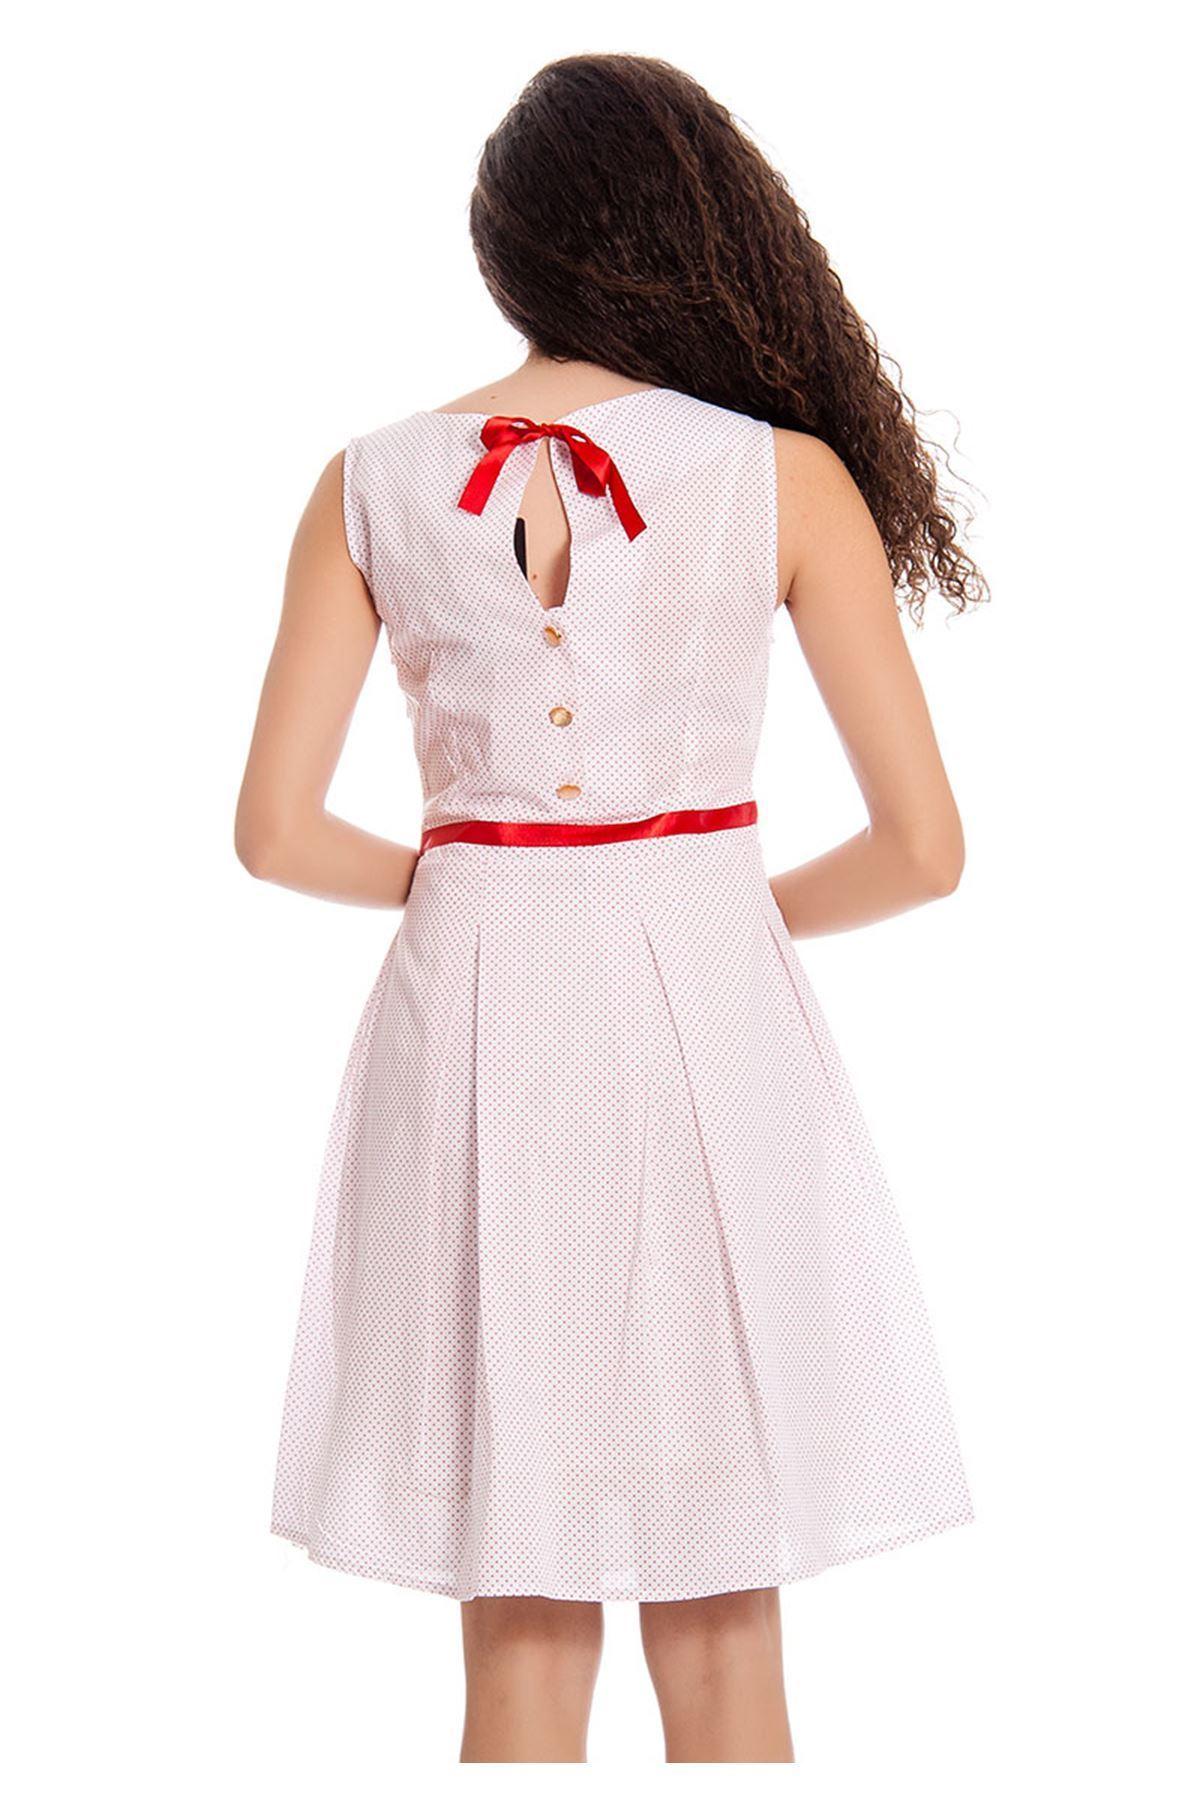 Beyaz Kırmızı Puanlı Kadın Elbise I6-131606